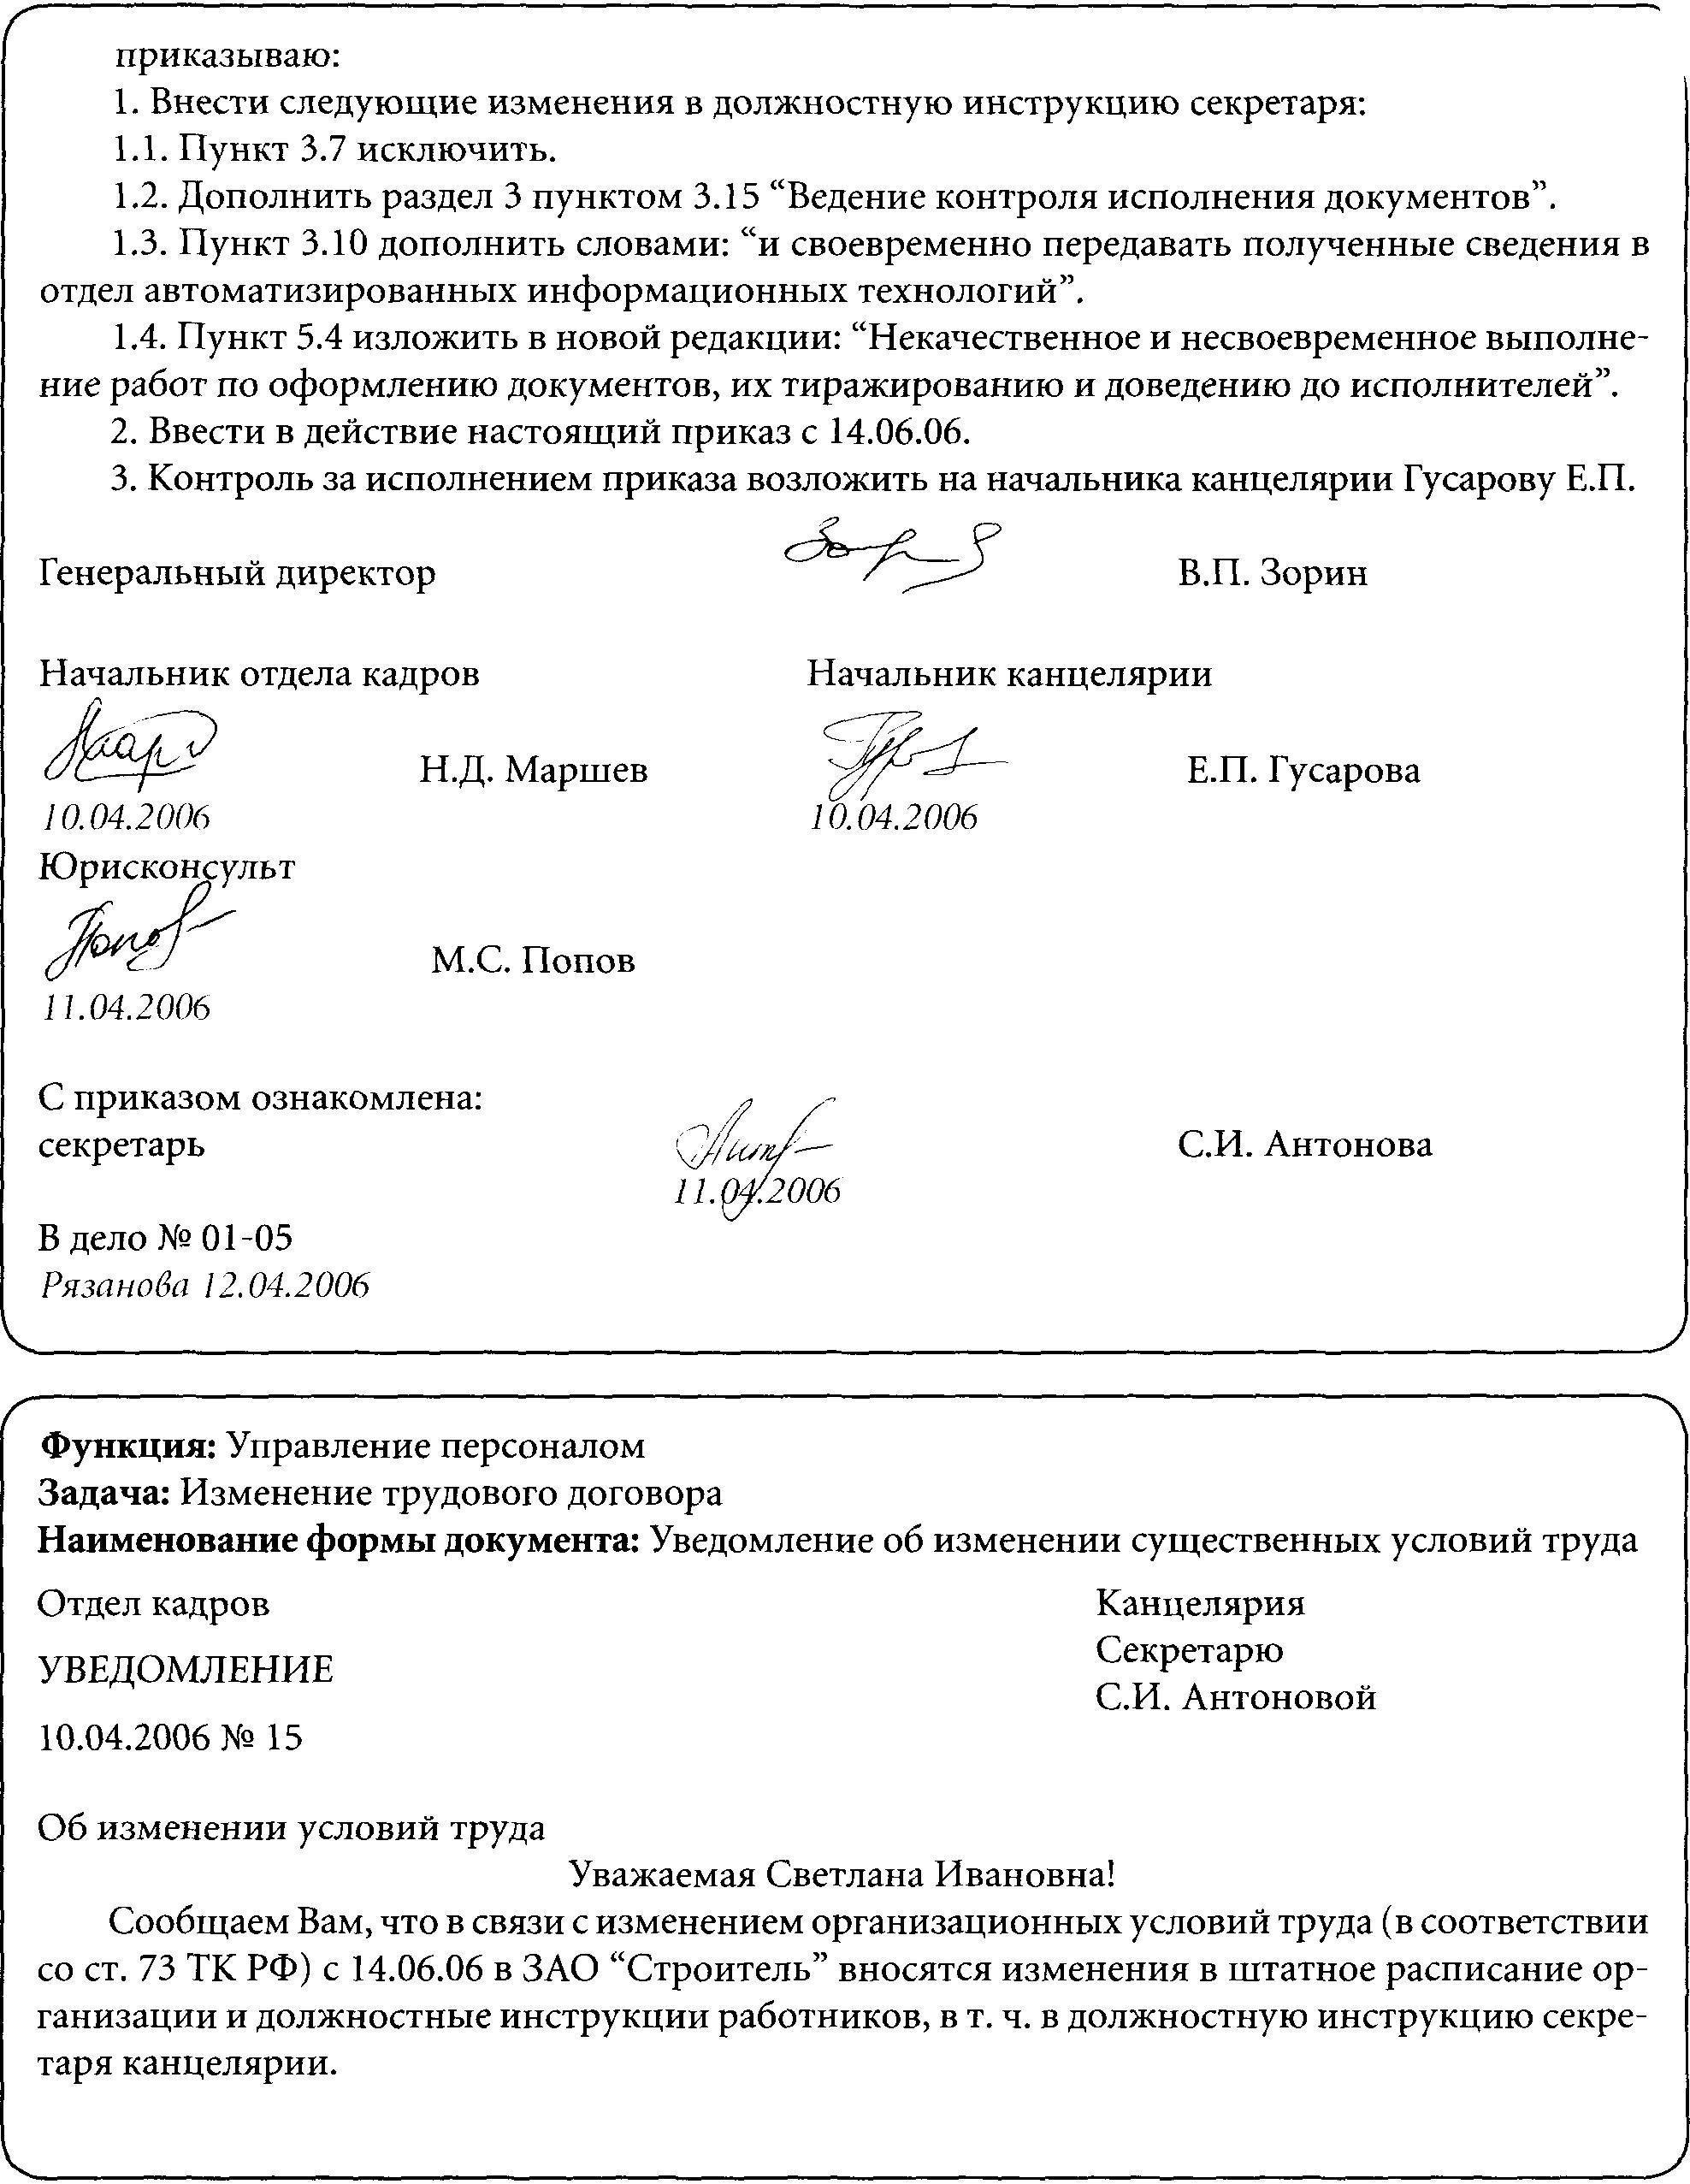 образец приказа на изменение должностной инструкции